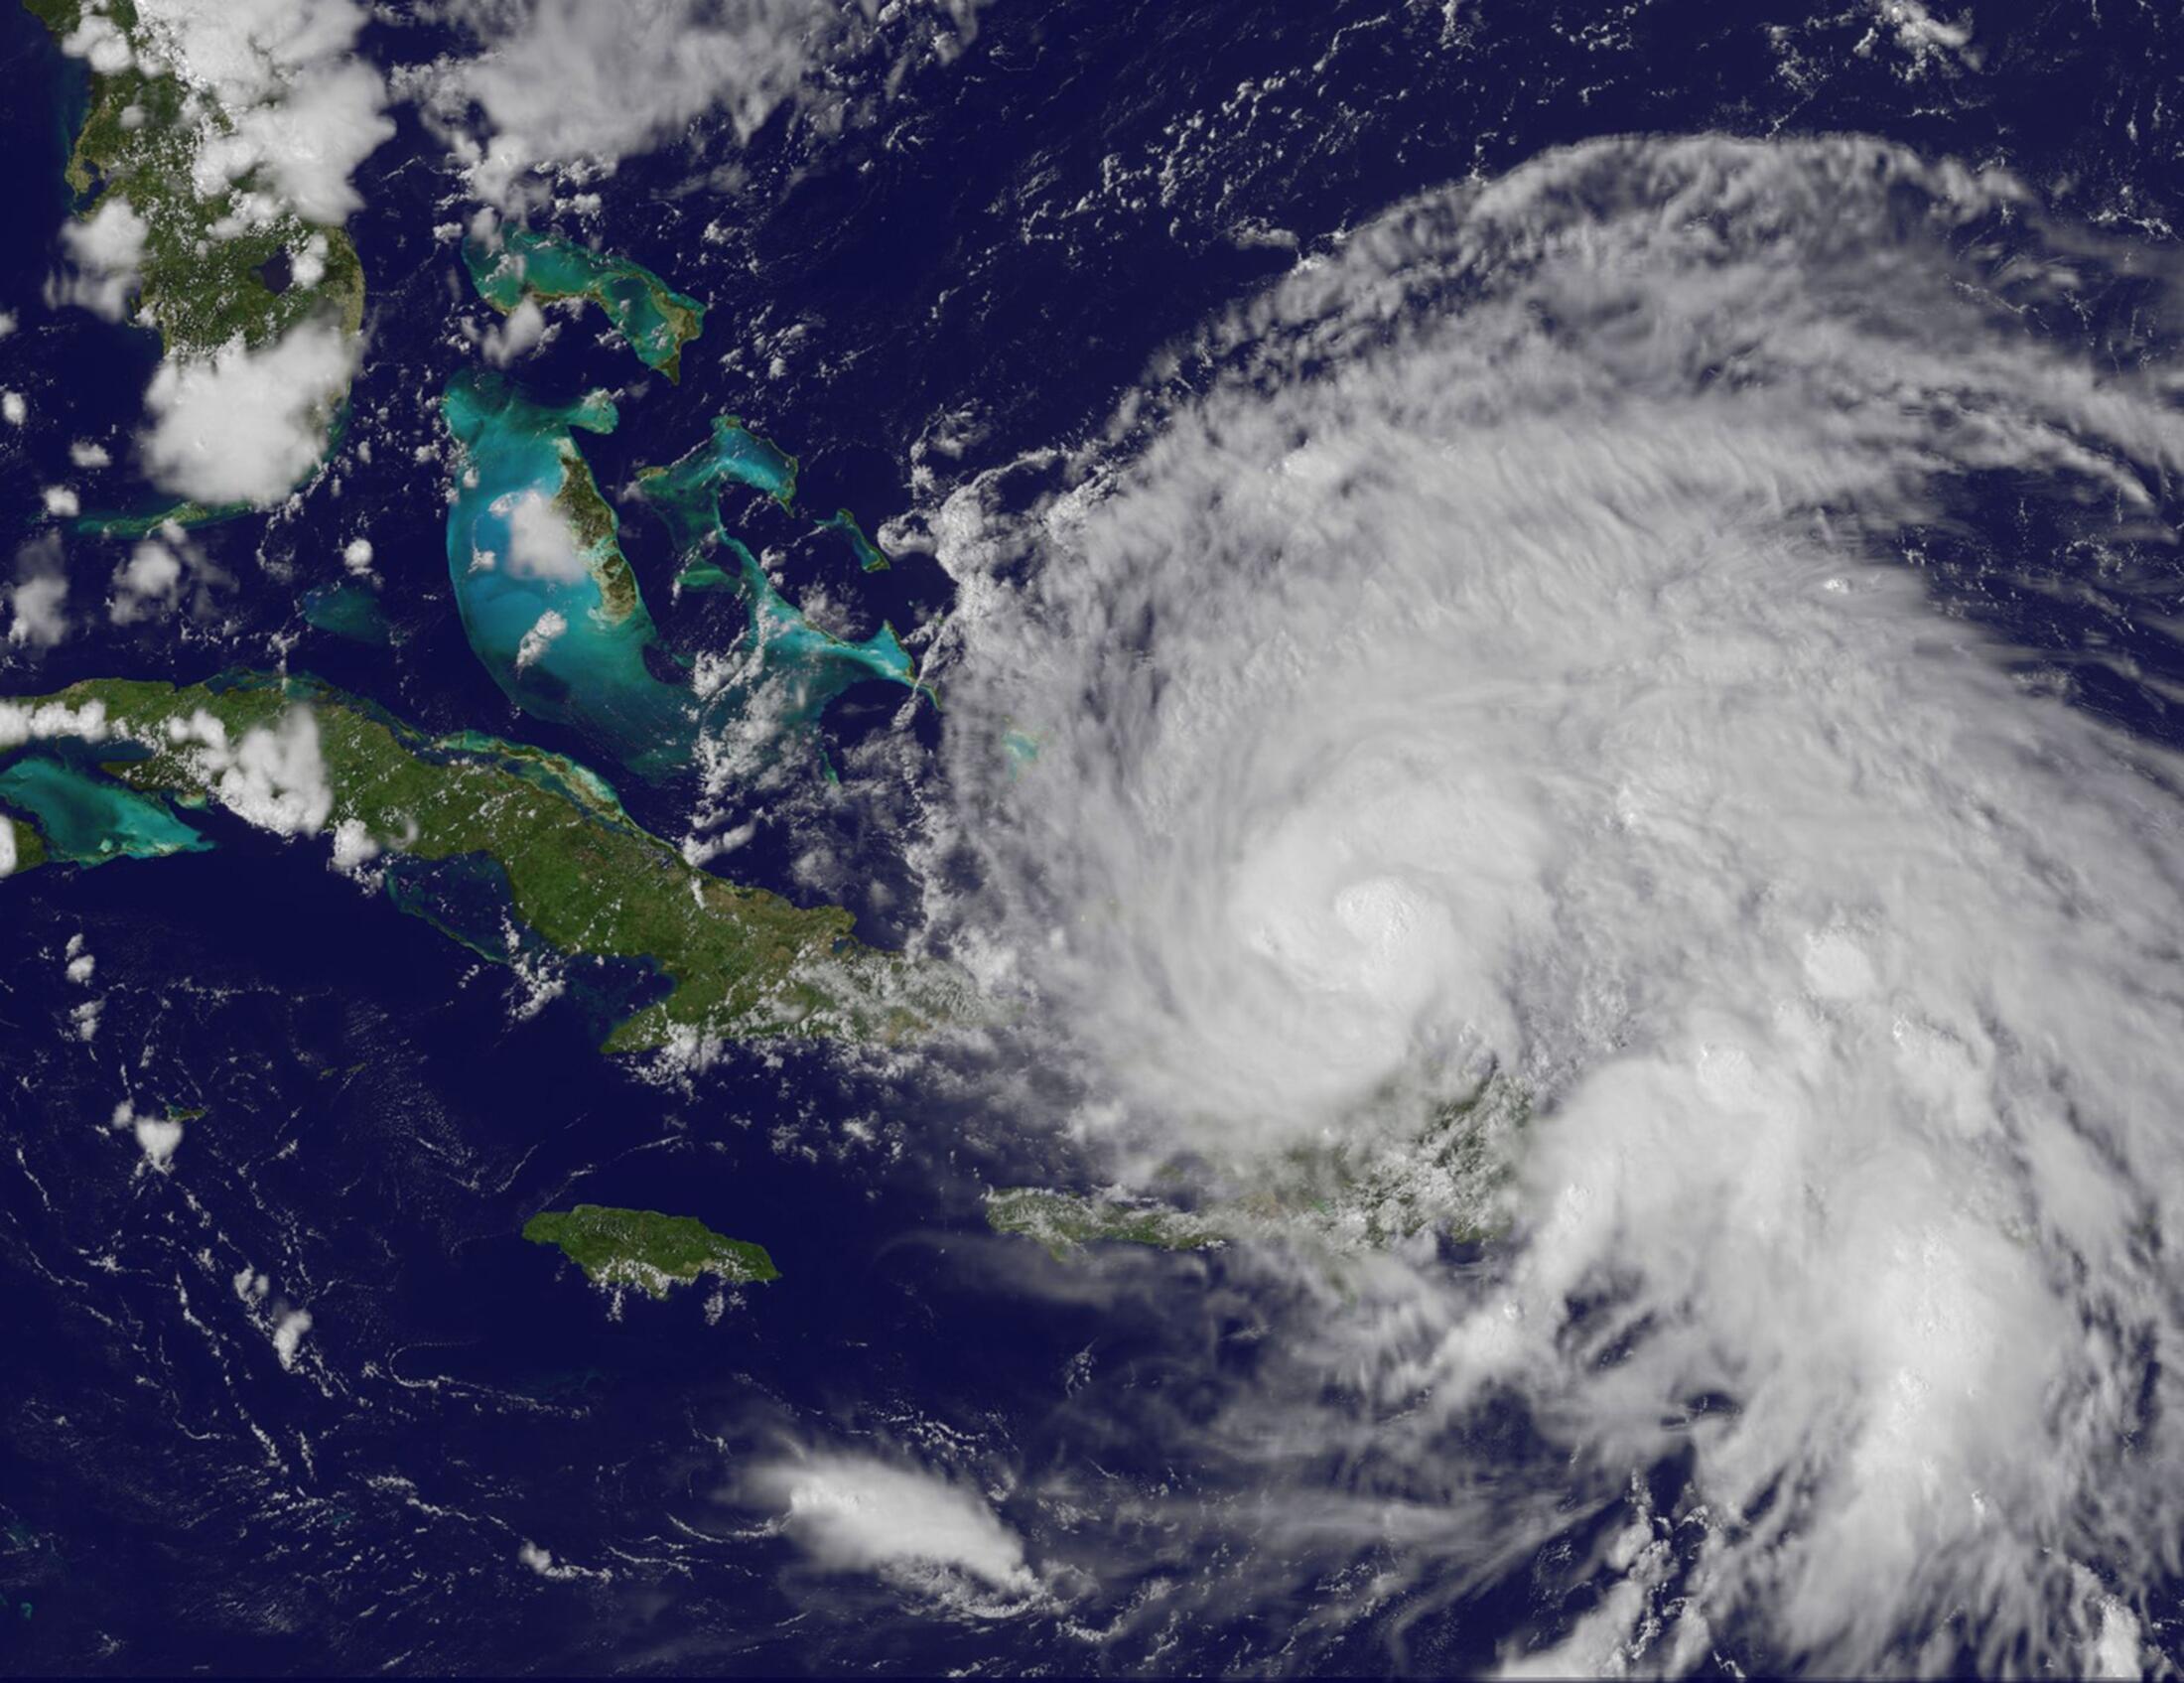 Furacão Irene segue para Bahamas e pode atingir os Estados Unidos nesse fim de semana.